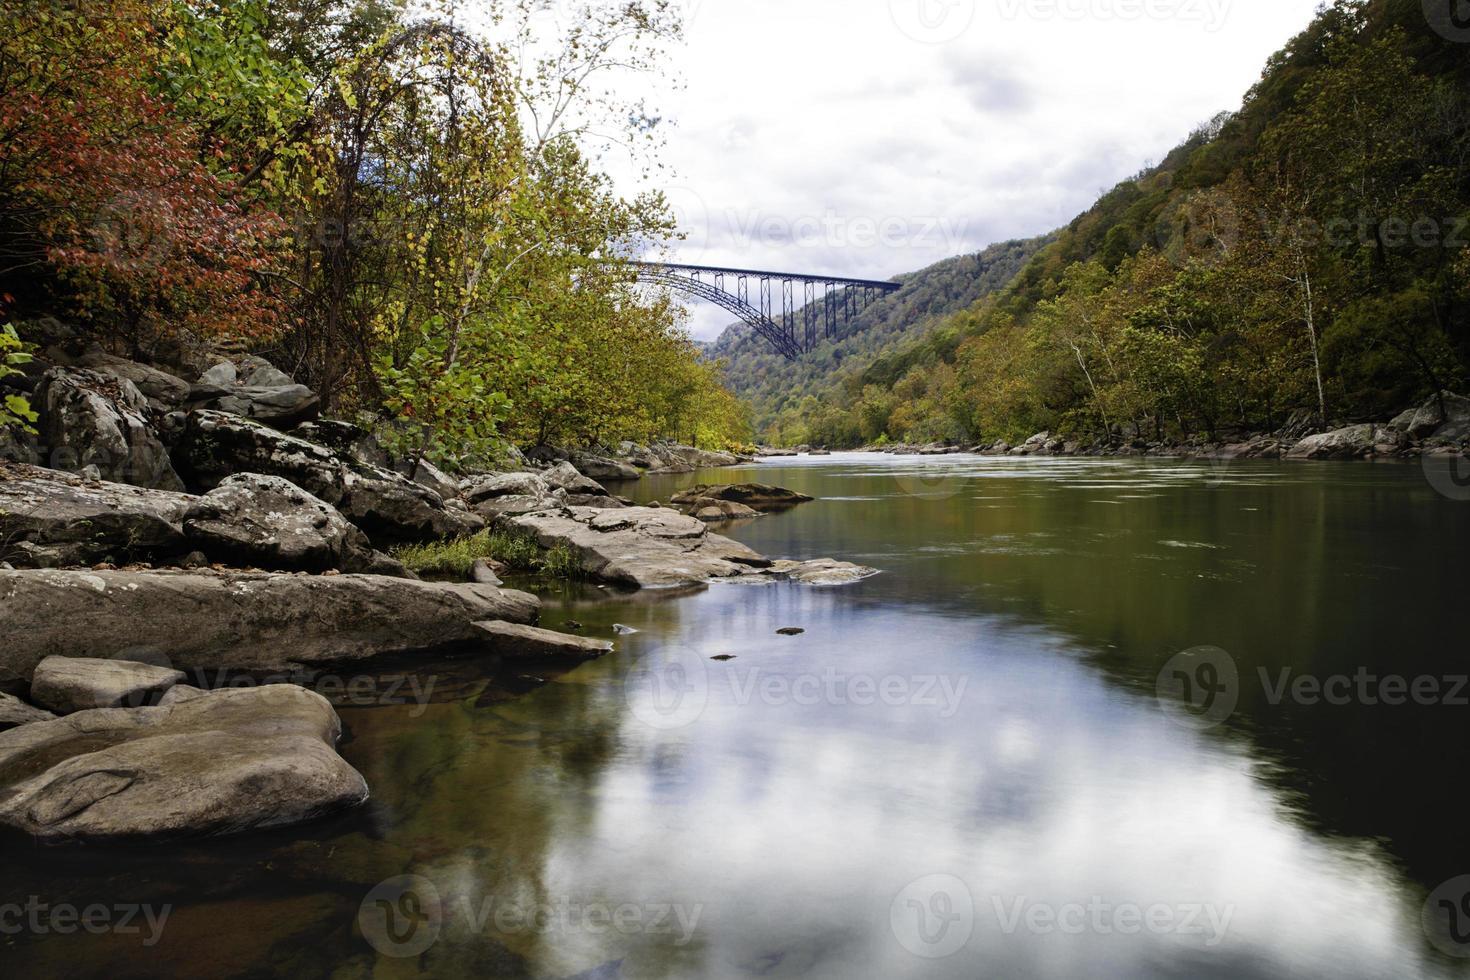 nouveau pont de la gorge de la rivière photo